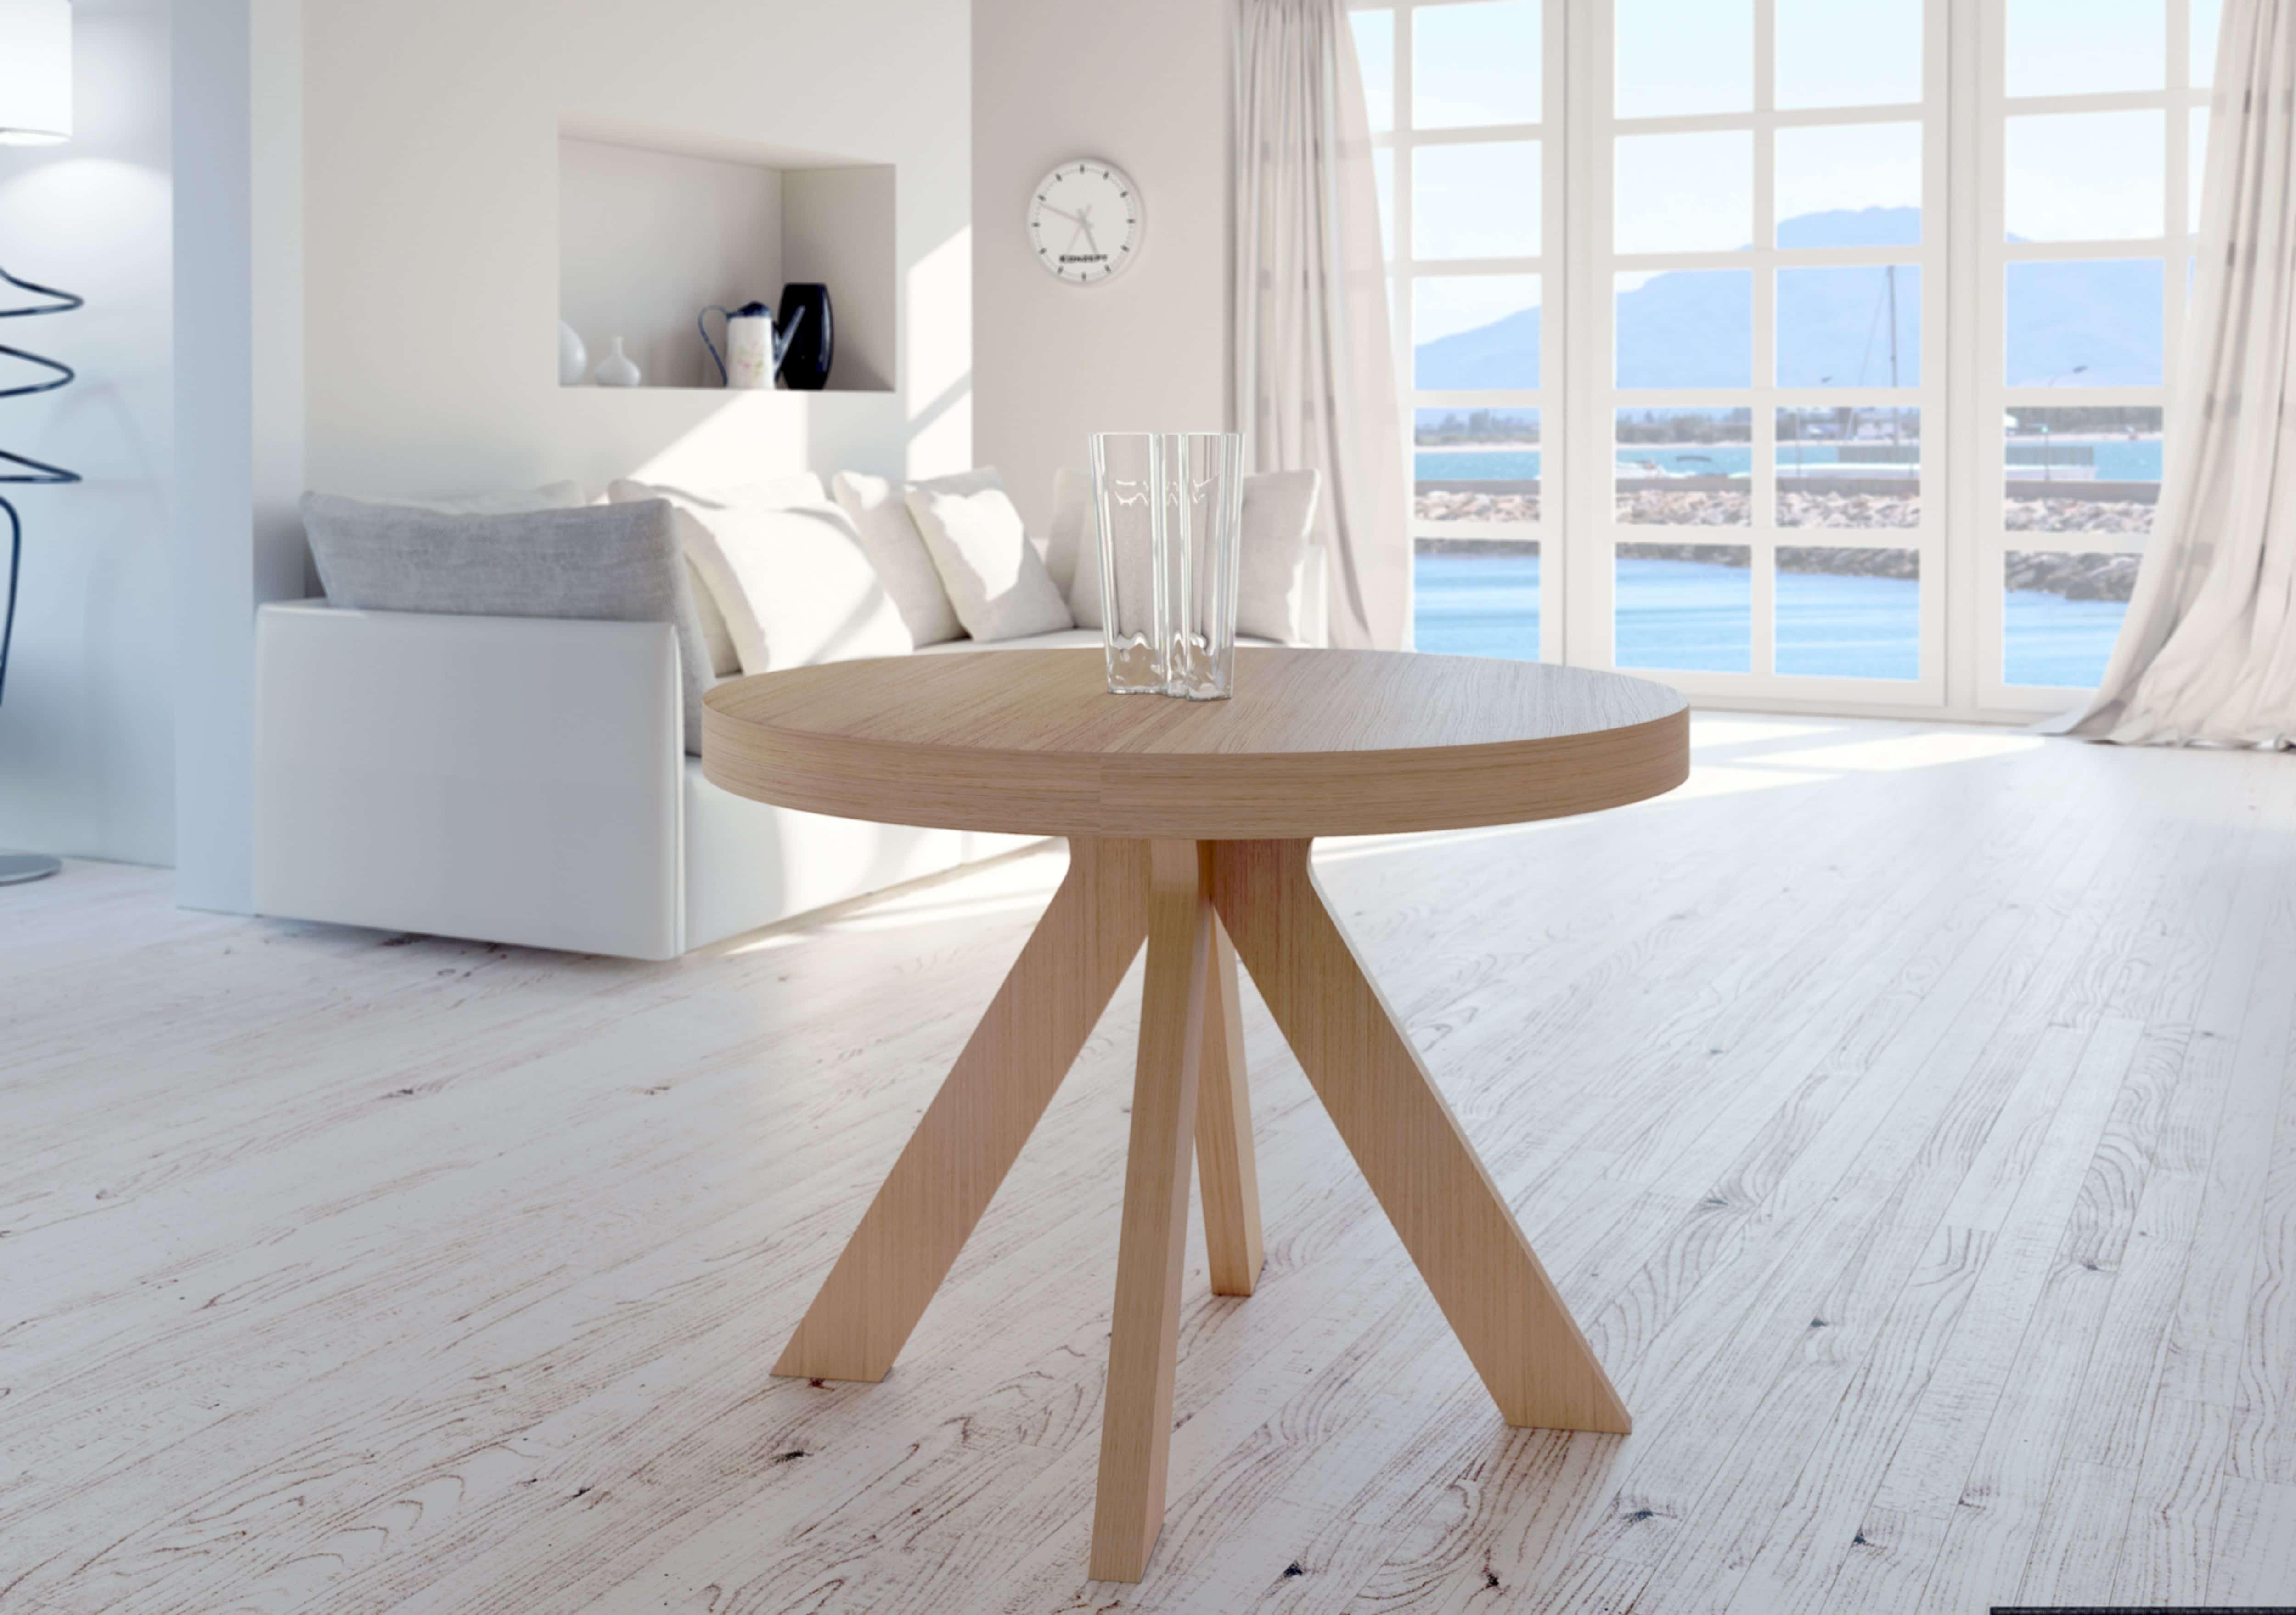 Mesa de comedor fija zafiro bautista muebles y decoraci n for Bautista muebles y decoracion